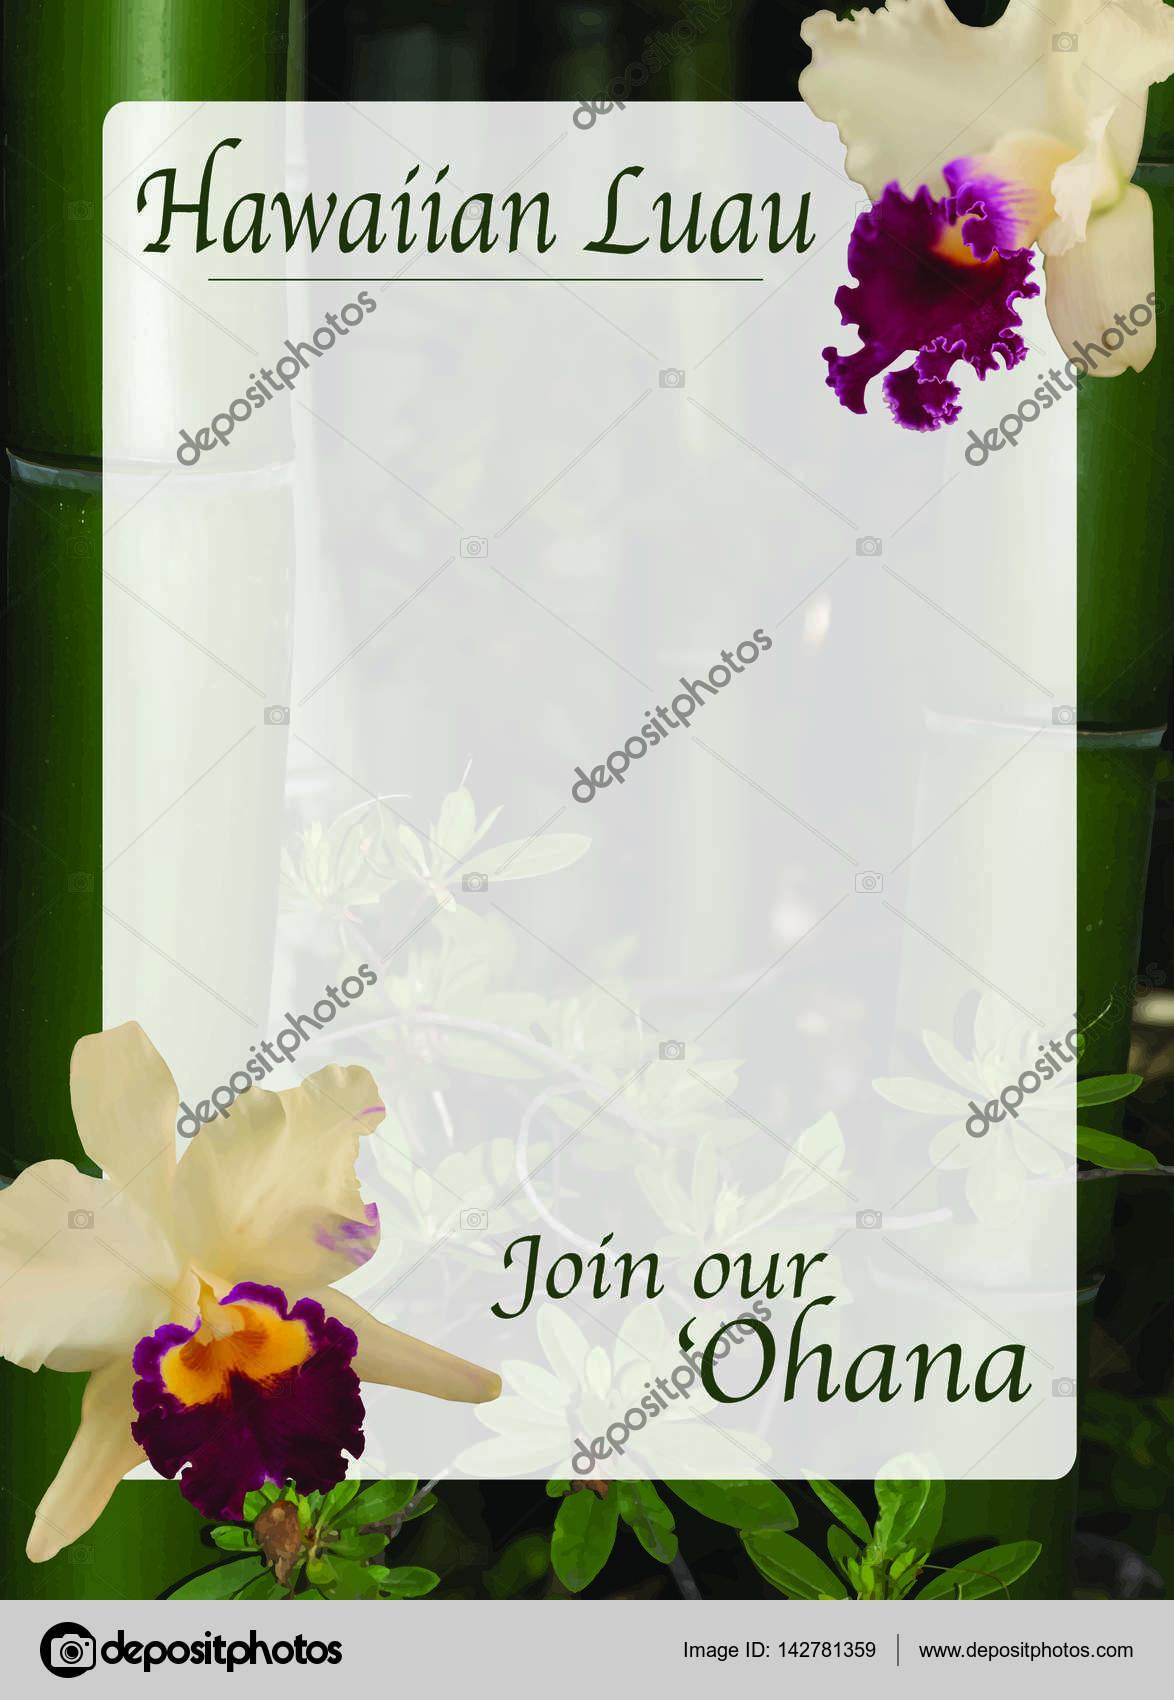 Plantilla de illustrator de invitación de luau hawaiano — Fotos de ...